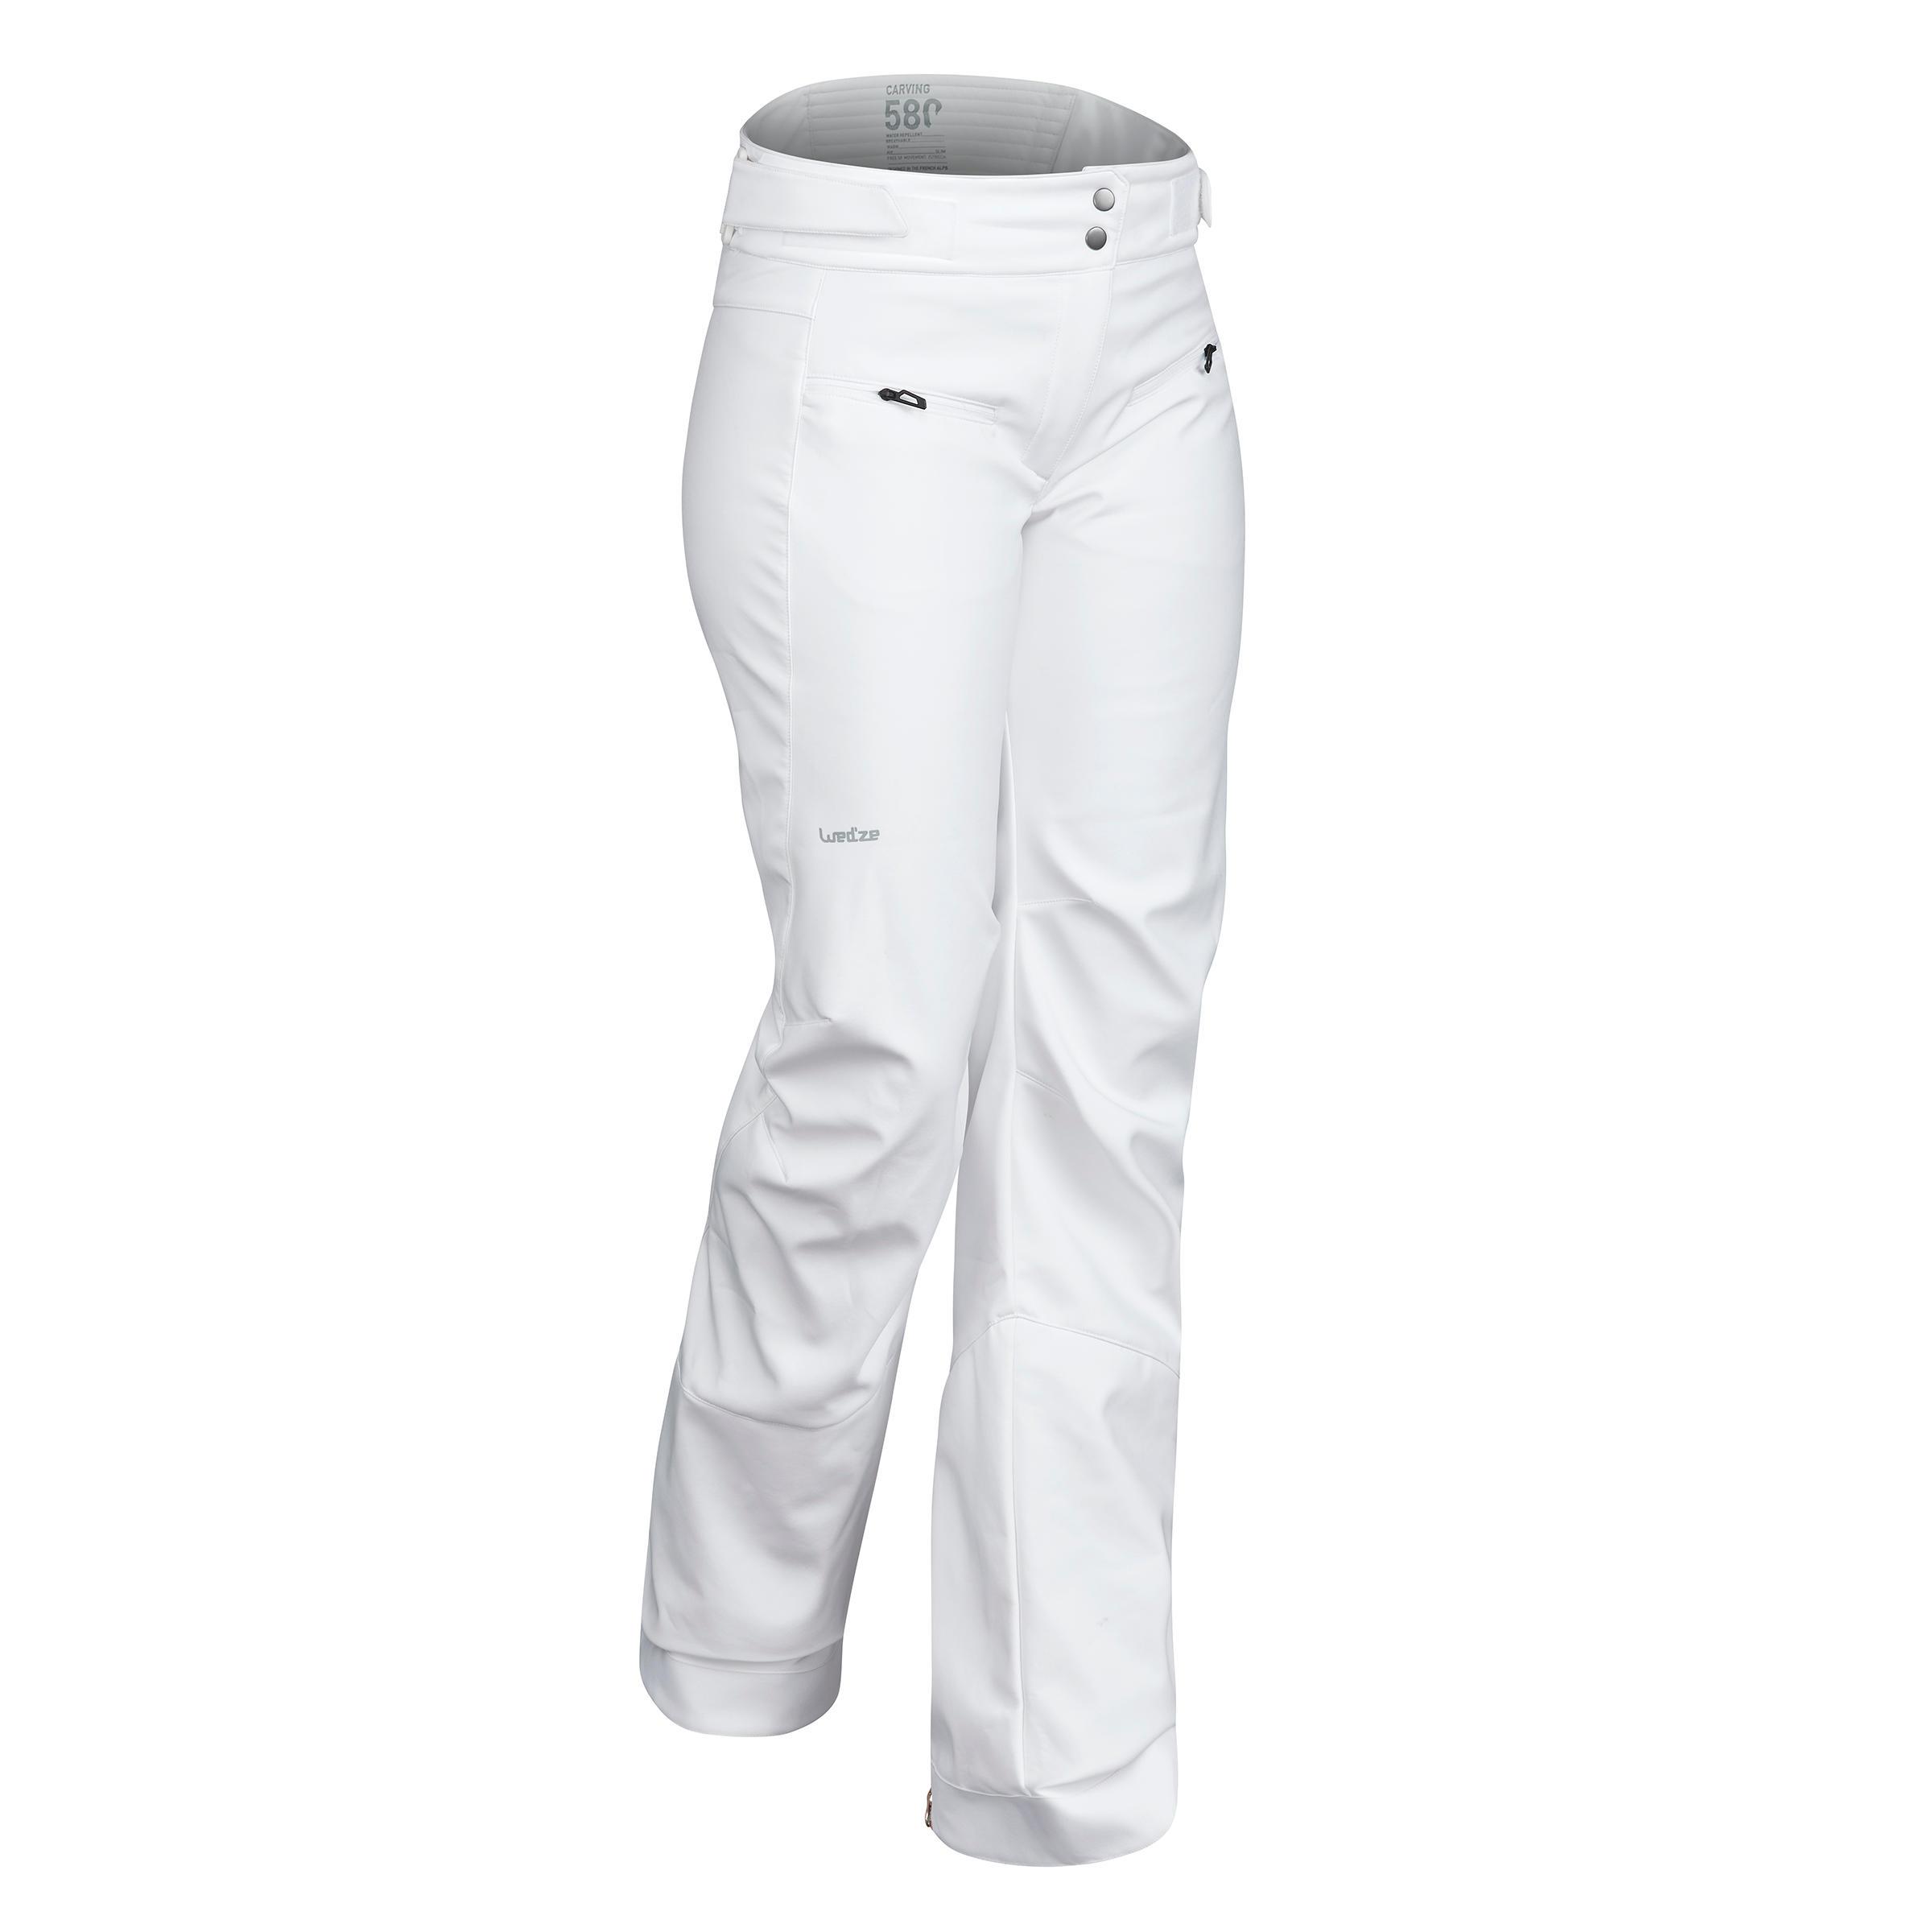 Piste Femme P De Pantalon 580 Pa Ski 7Eq1wSwf